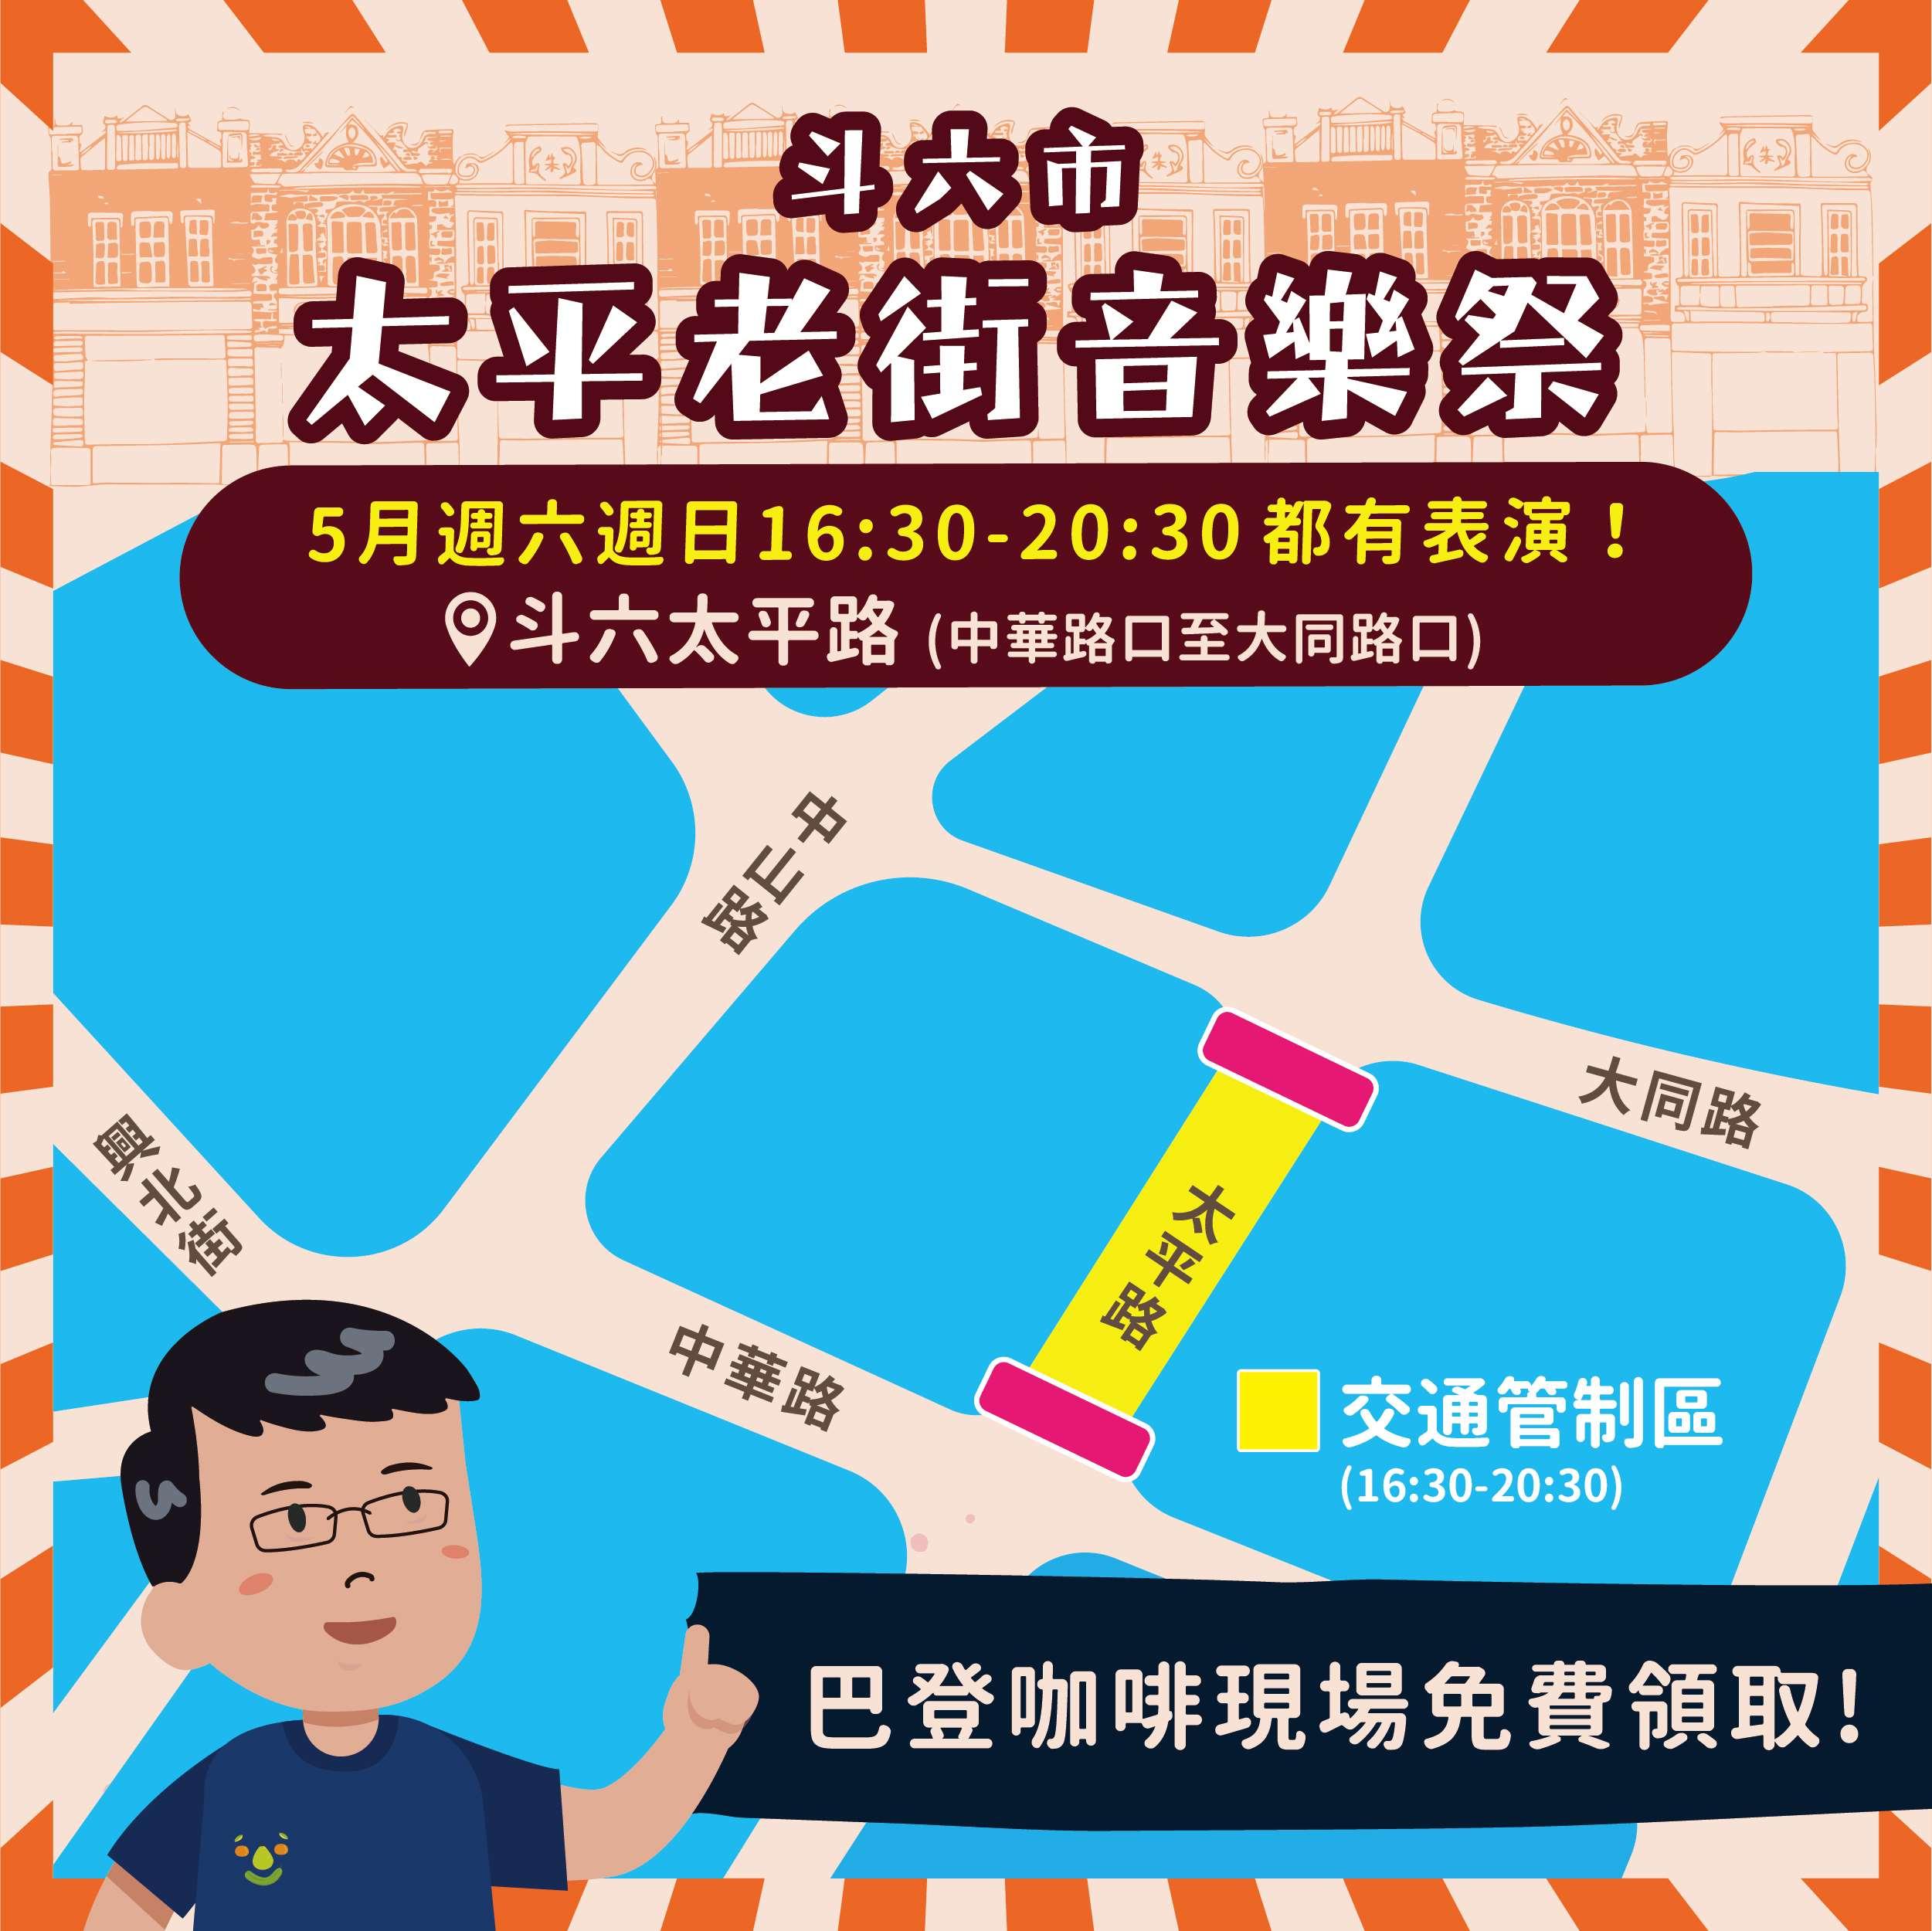 斗六市太平老街音樂祭